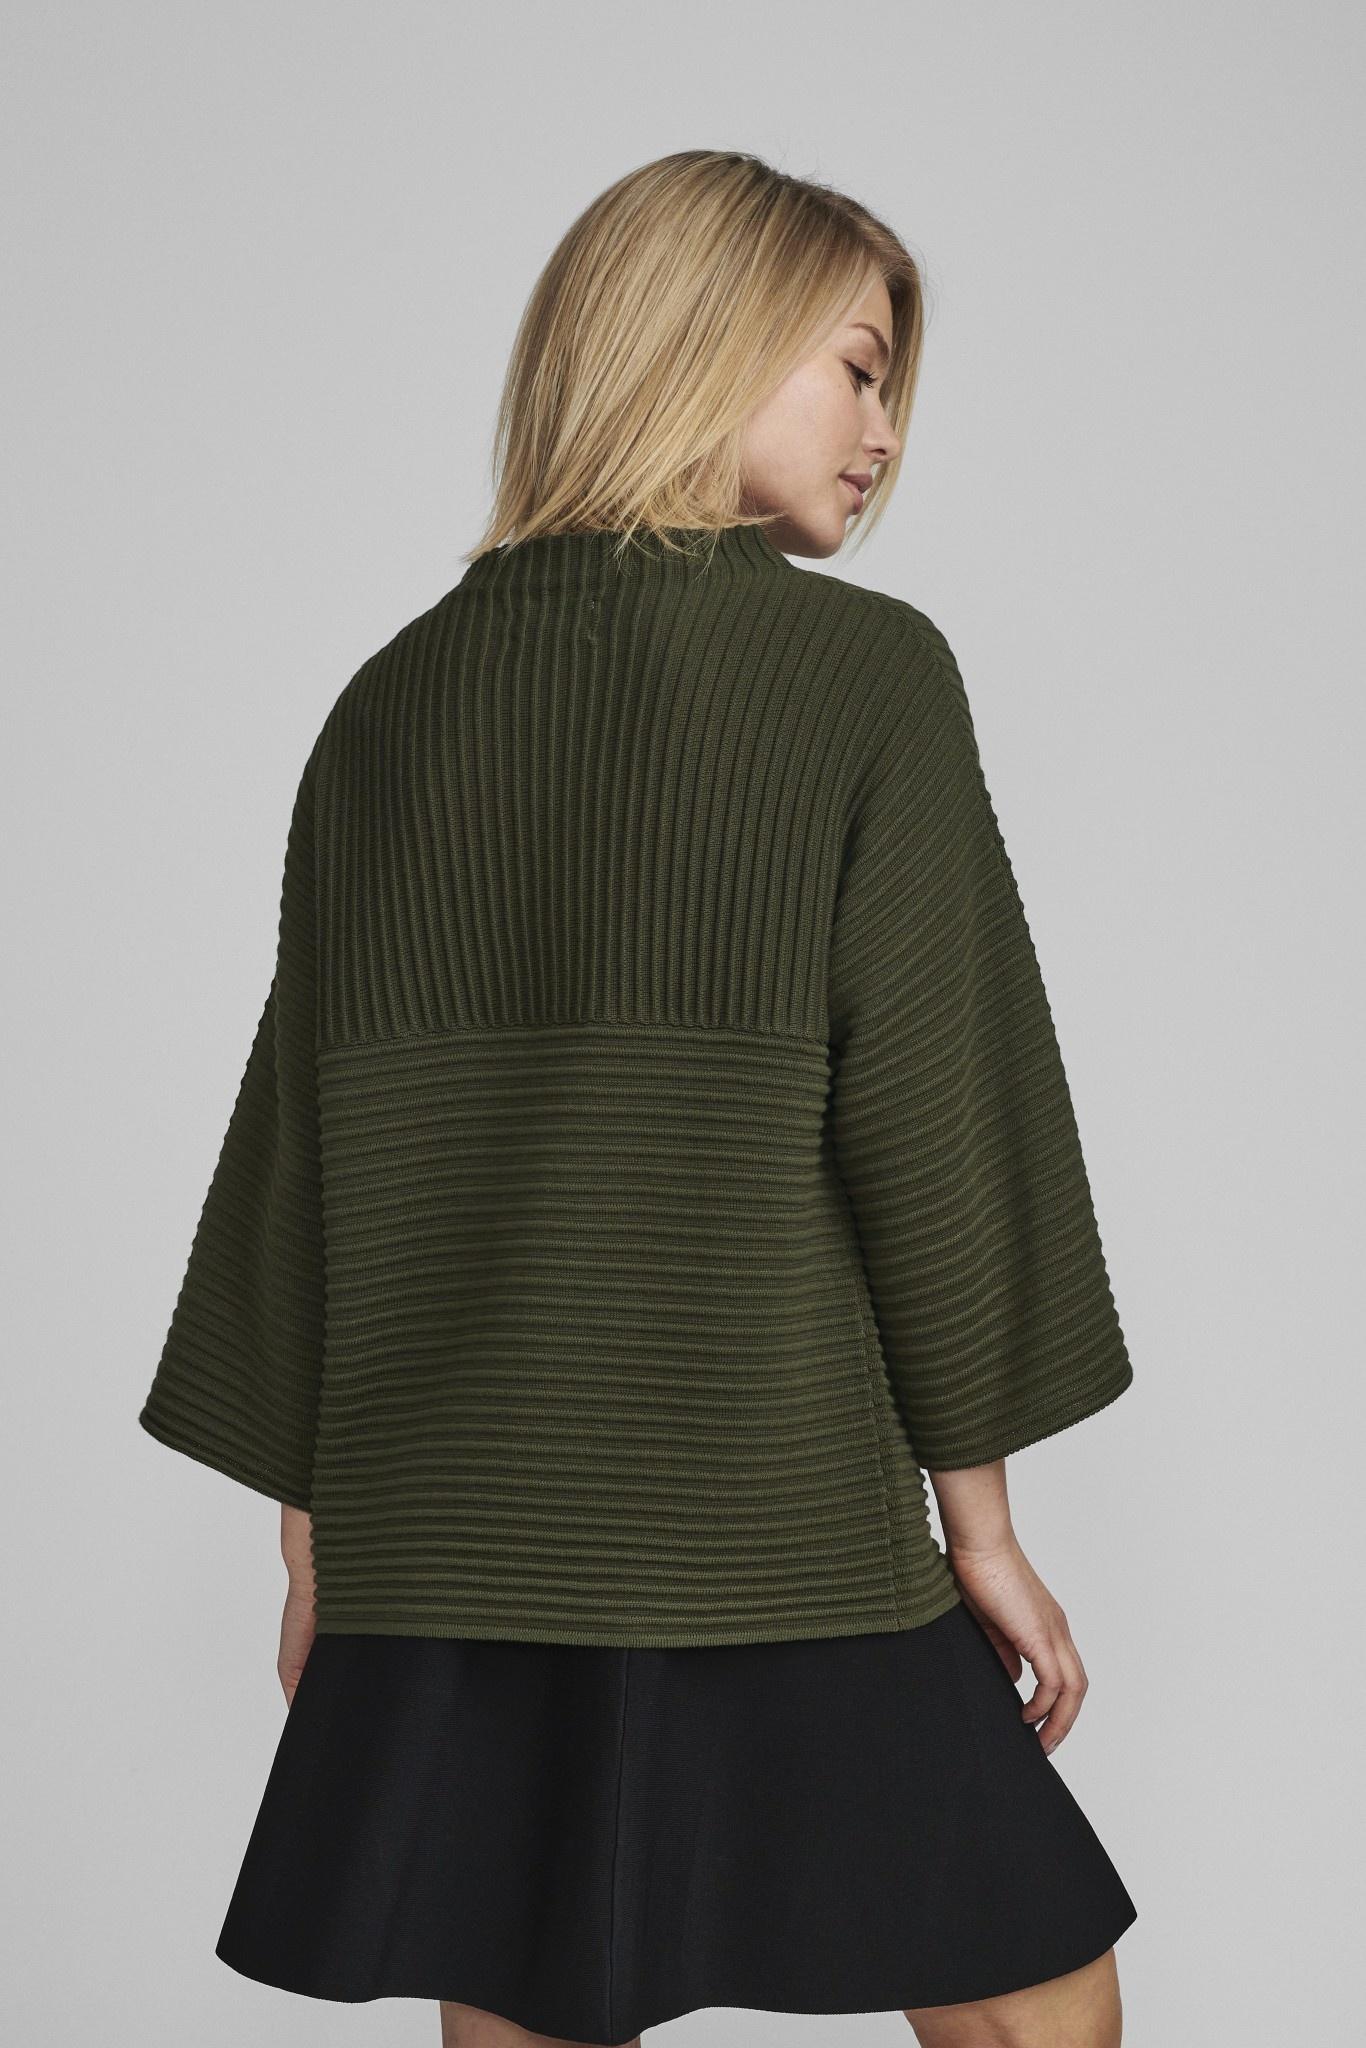 Nümph Irmelin O-neck Pullover - NOOS - Kaki